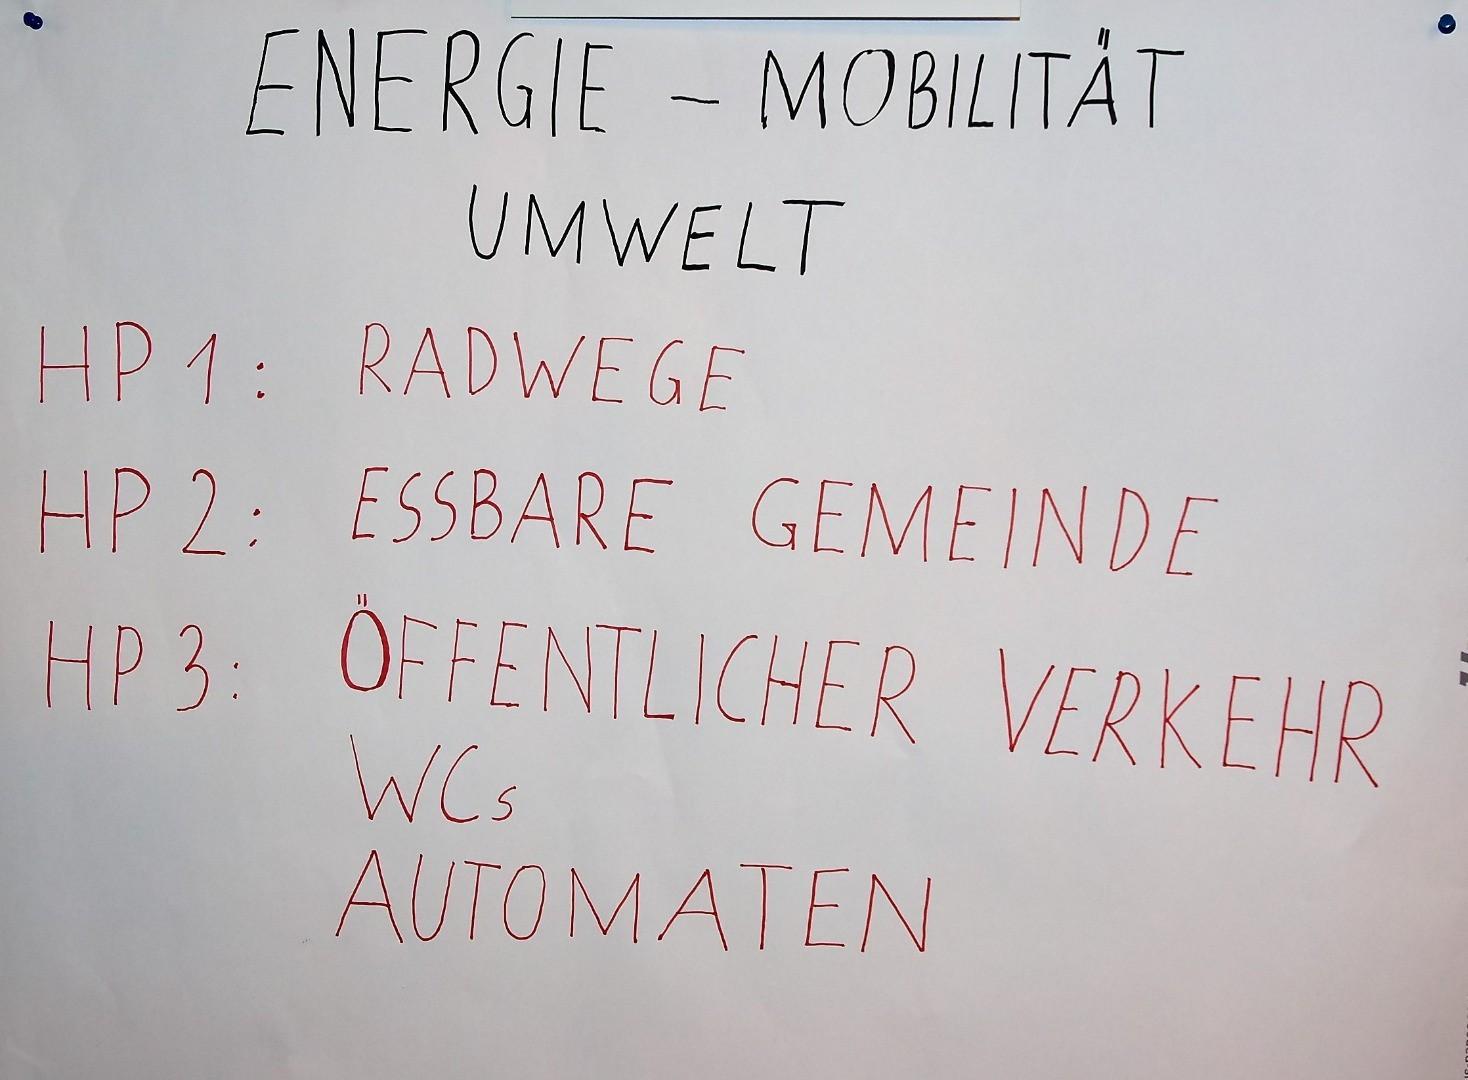 Arbeitskreissitzung - Energie, Mobilität, Umwelt.jpg